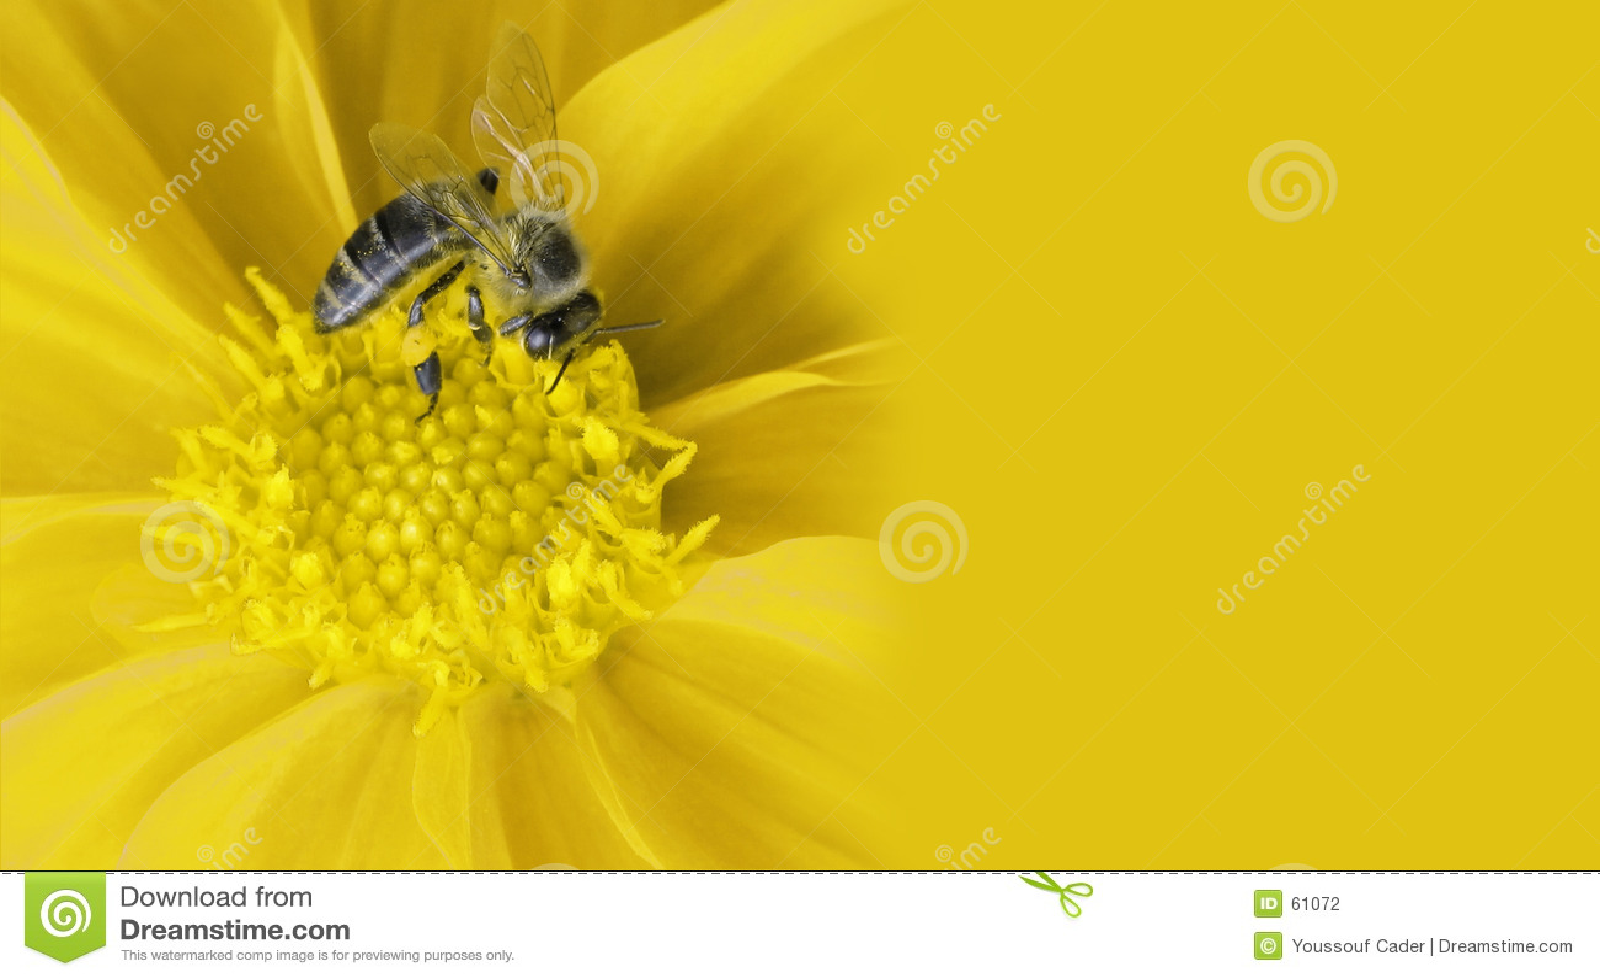 De bij van de honing op bloem